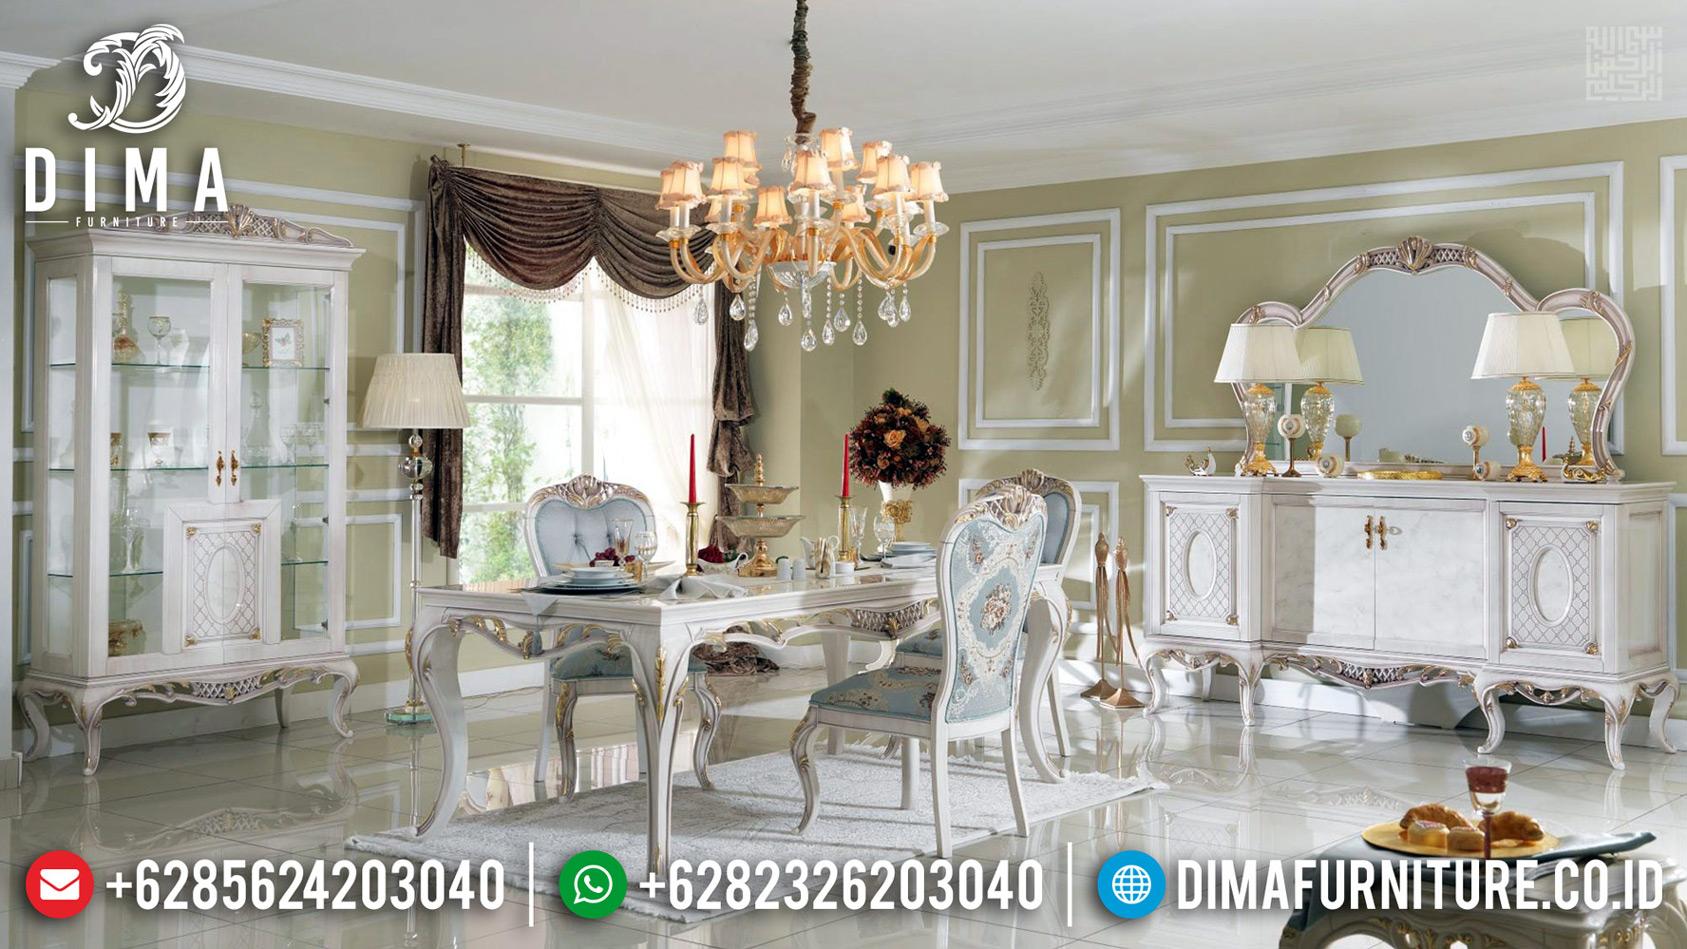 Meja Makan Mewah Vespucci Desain Interior Ruang Makan Luxury New 2020 TTJ-0660